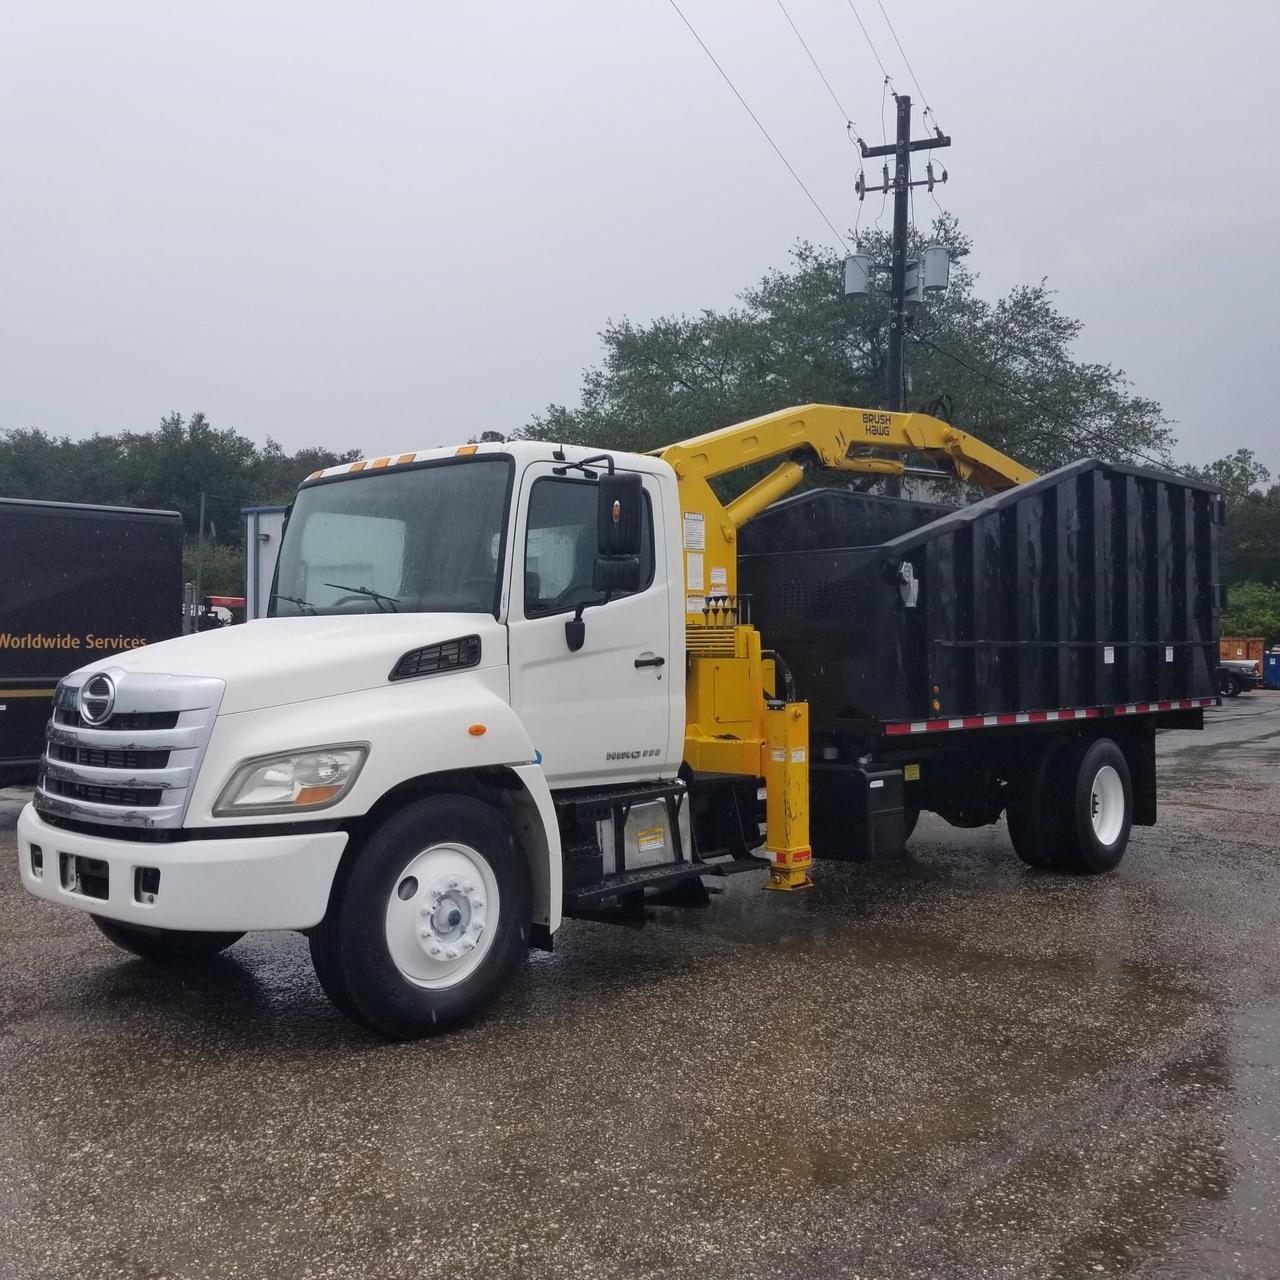 2012 HINO 338 4x2 Brush Hawg Grapple - Custom Truck One Source